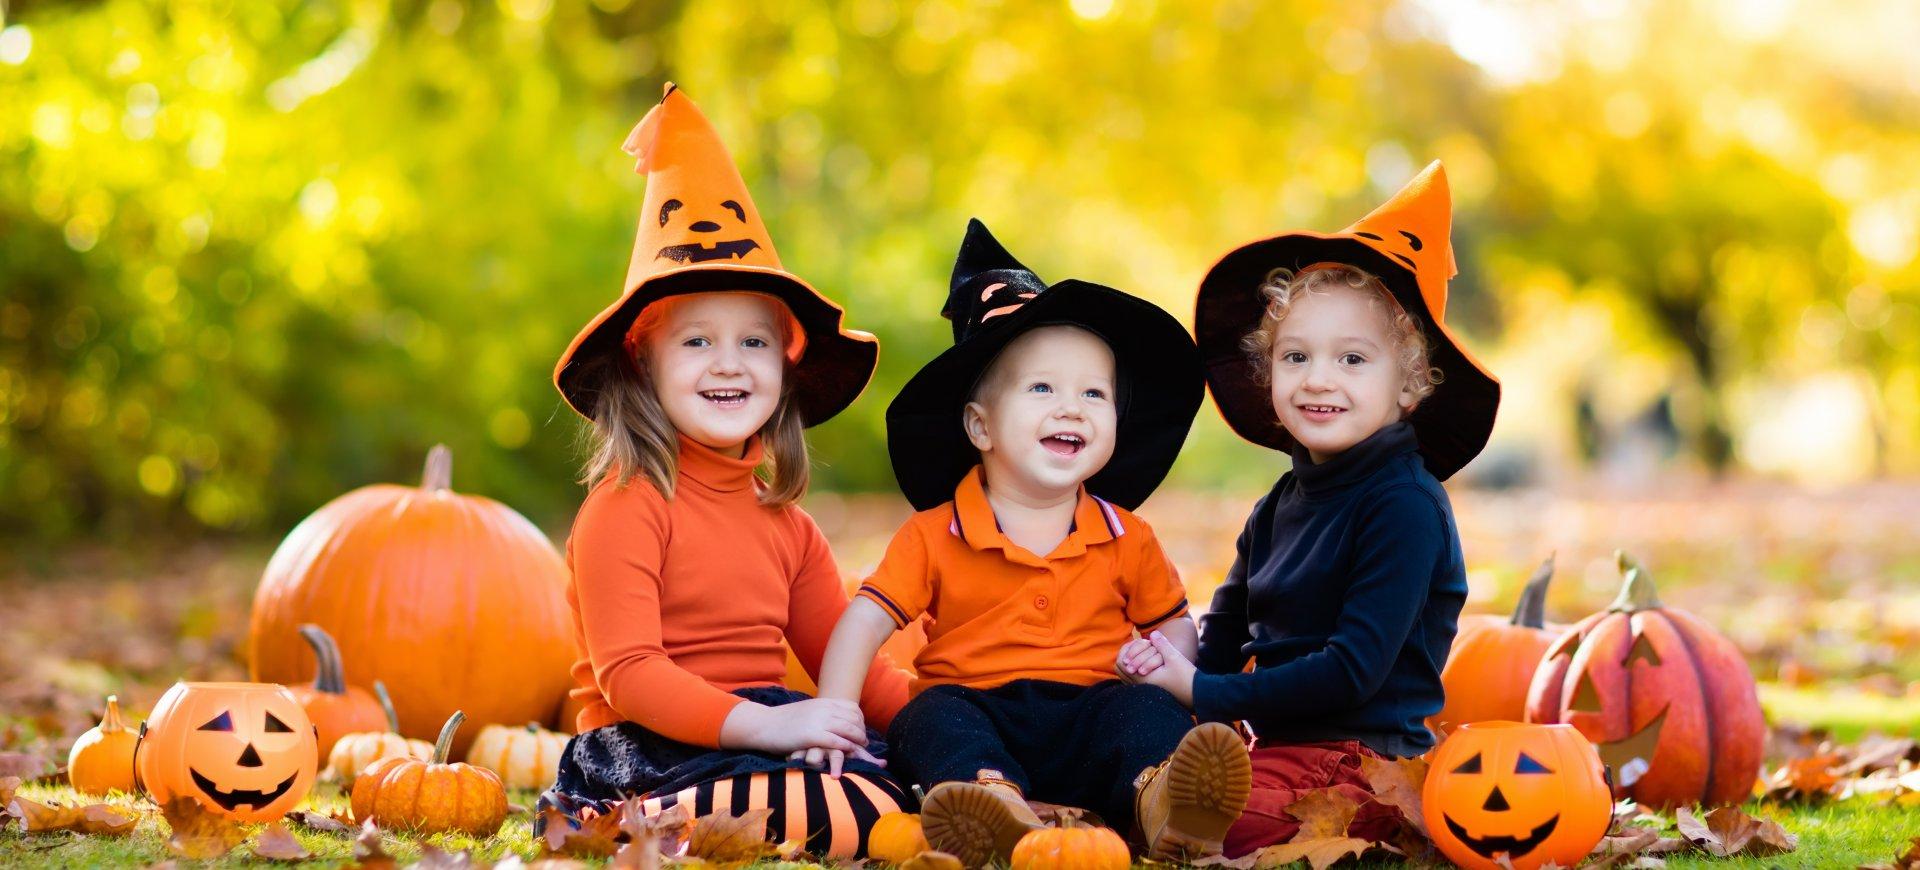 Rodzinne Halloween w lesie